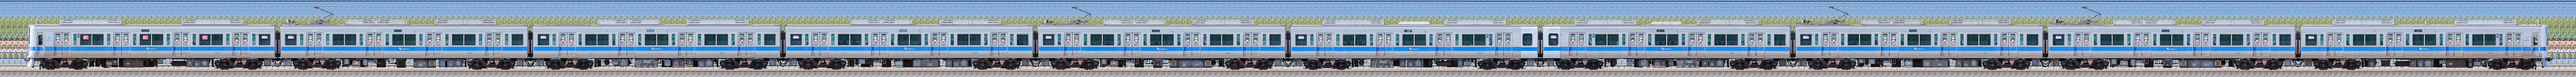 小田急1000形1095×10(リニューアル車・海側)の編成サイドビュー